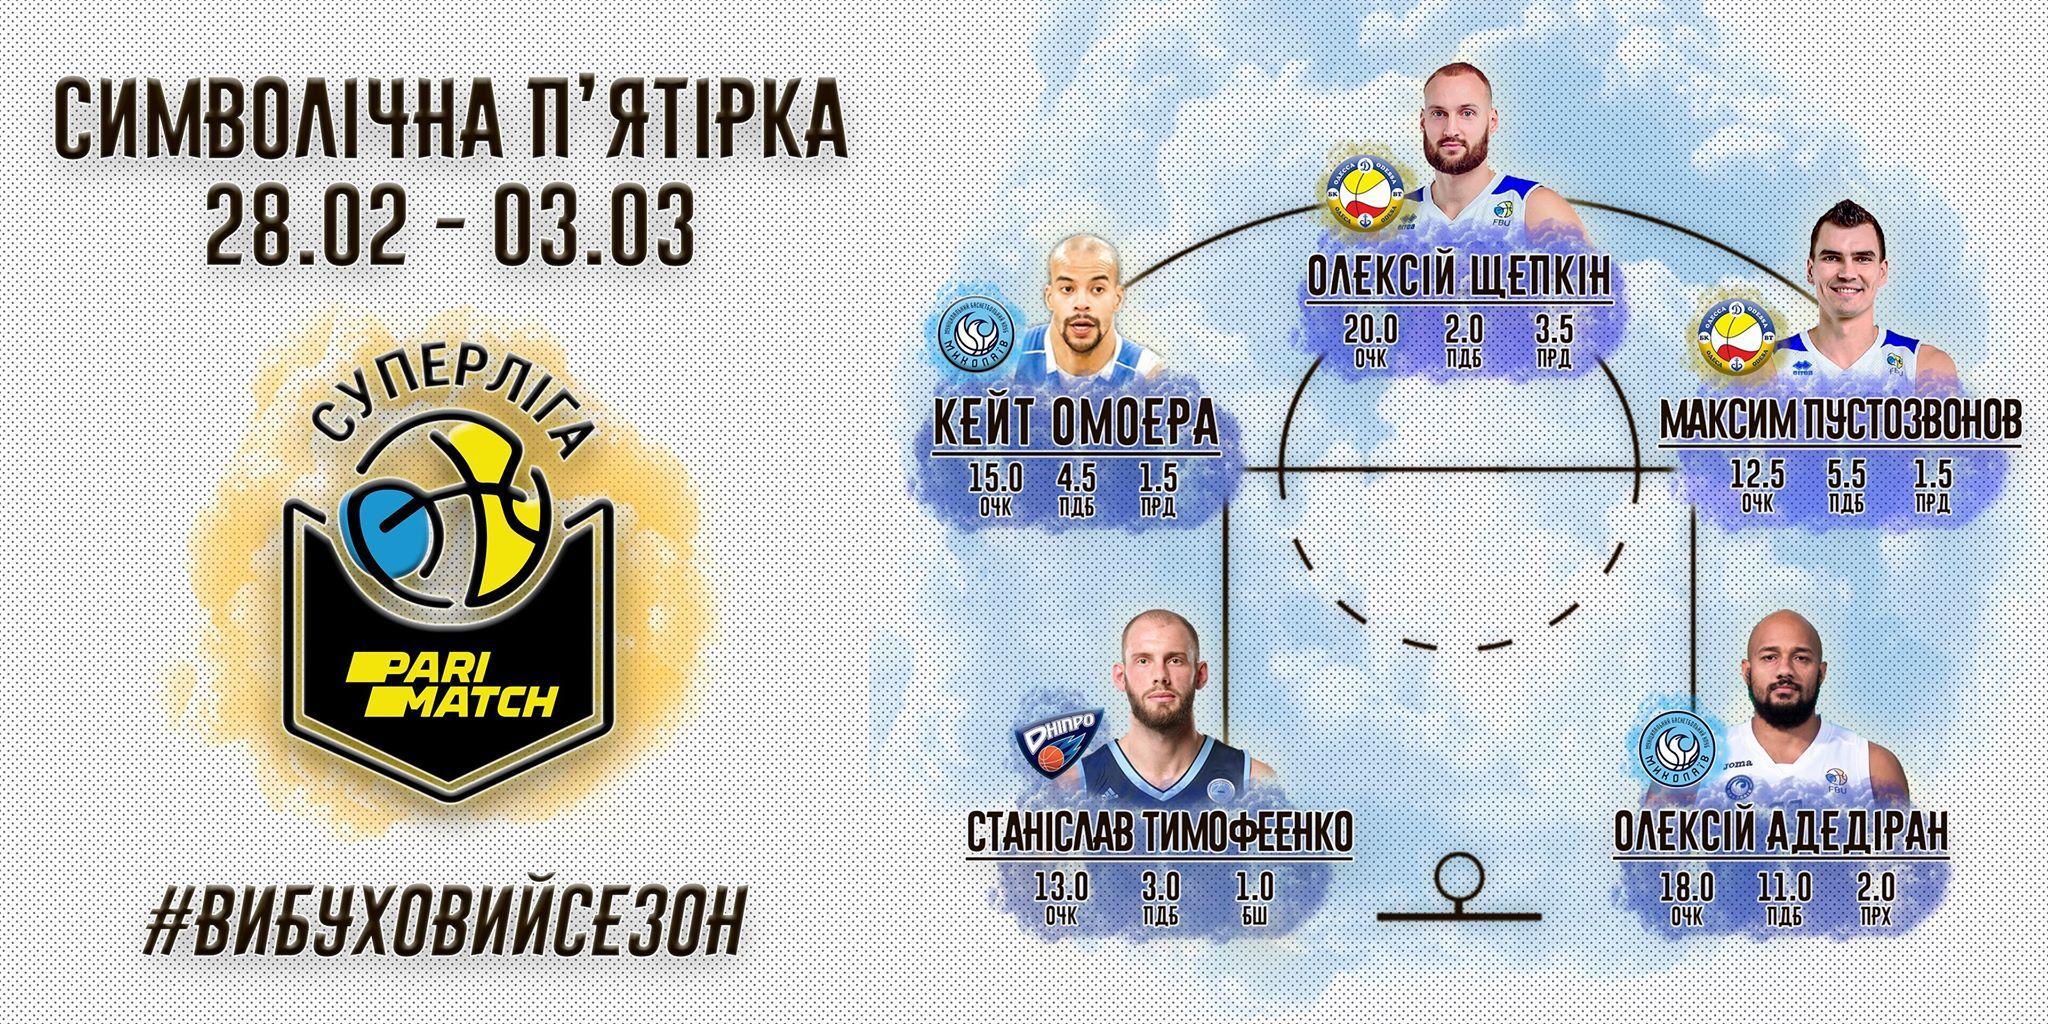 У збірній туру два дебютанти і Тимофеєнко лідер сезону